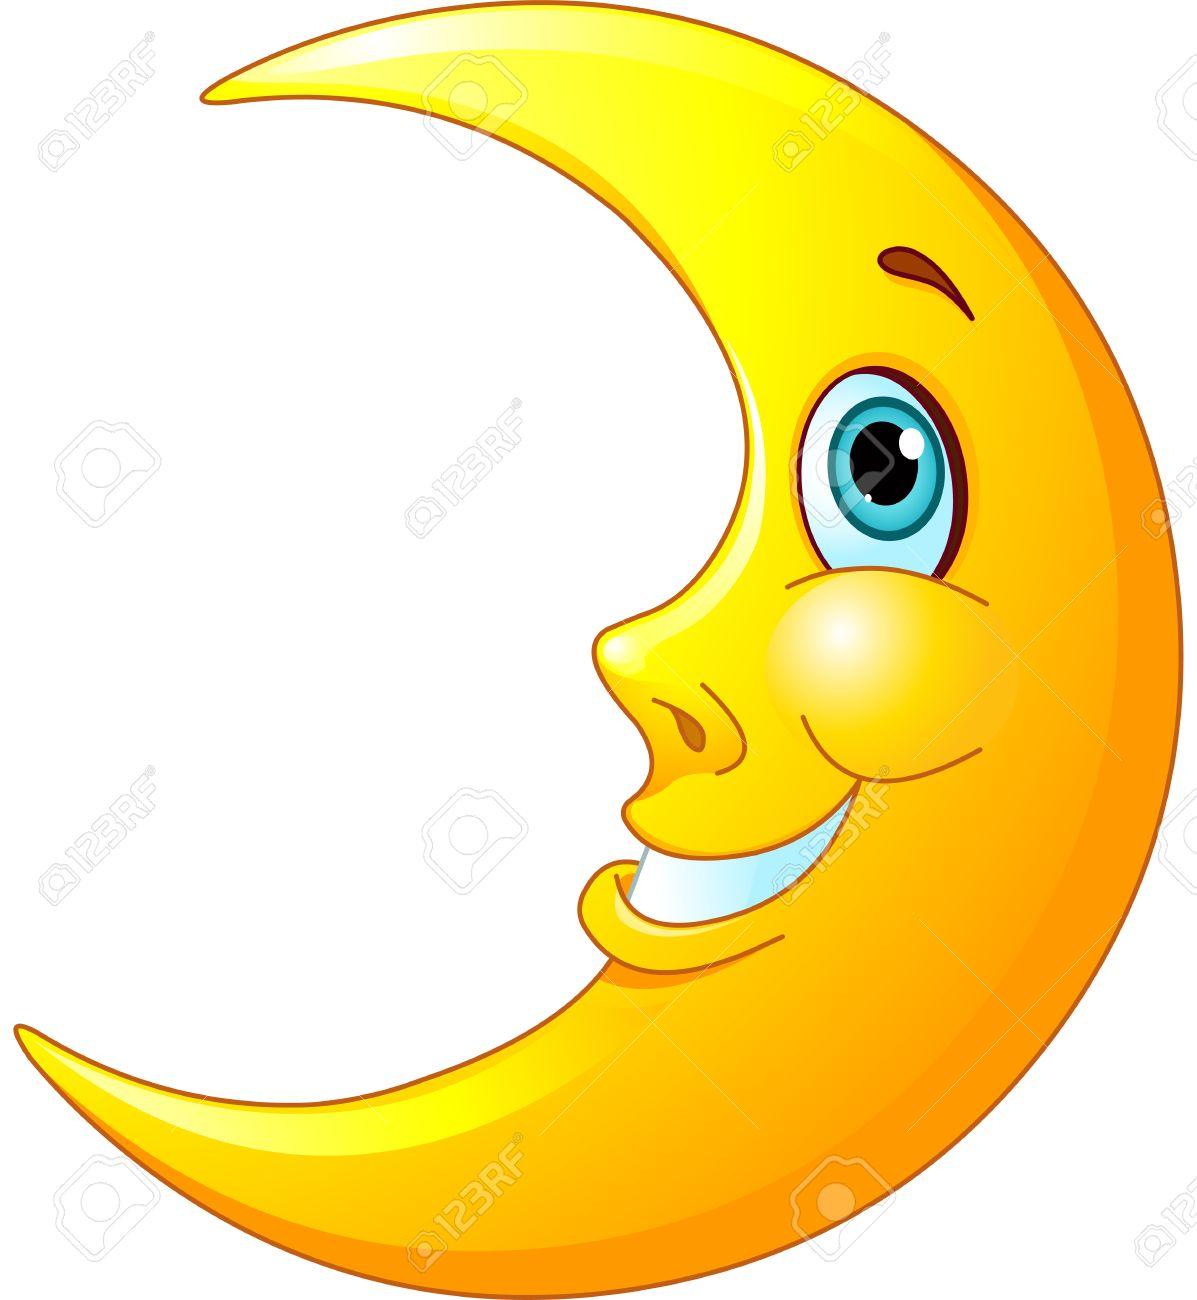 彼の顔にフレンドリーな笑顔で幸せな月のイラスト ロイヤリティフリー